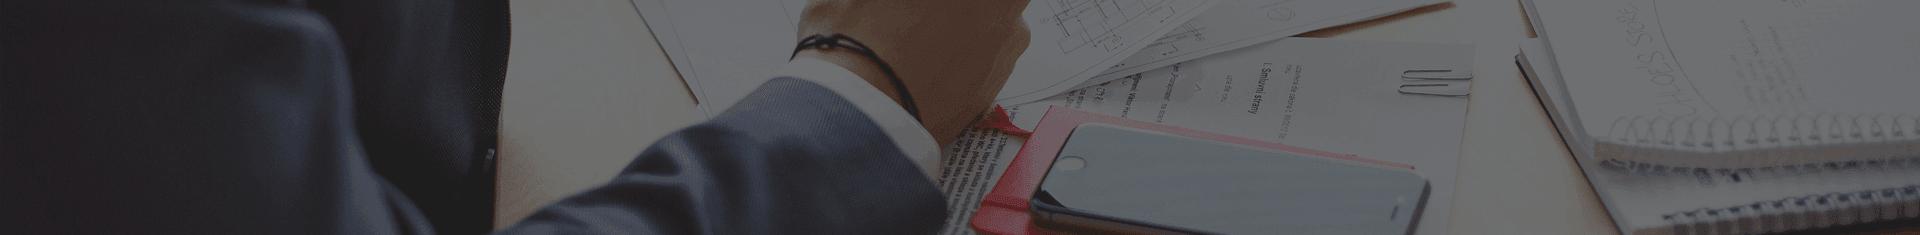 Зміни до ПКУ-2017: закріплено порядок подання фінзвітності платниками податку на прибуток